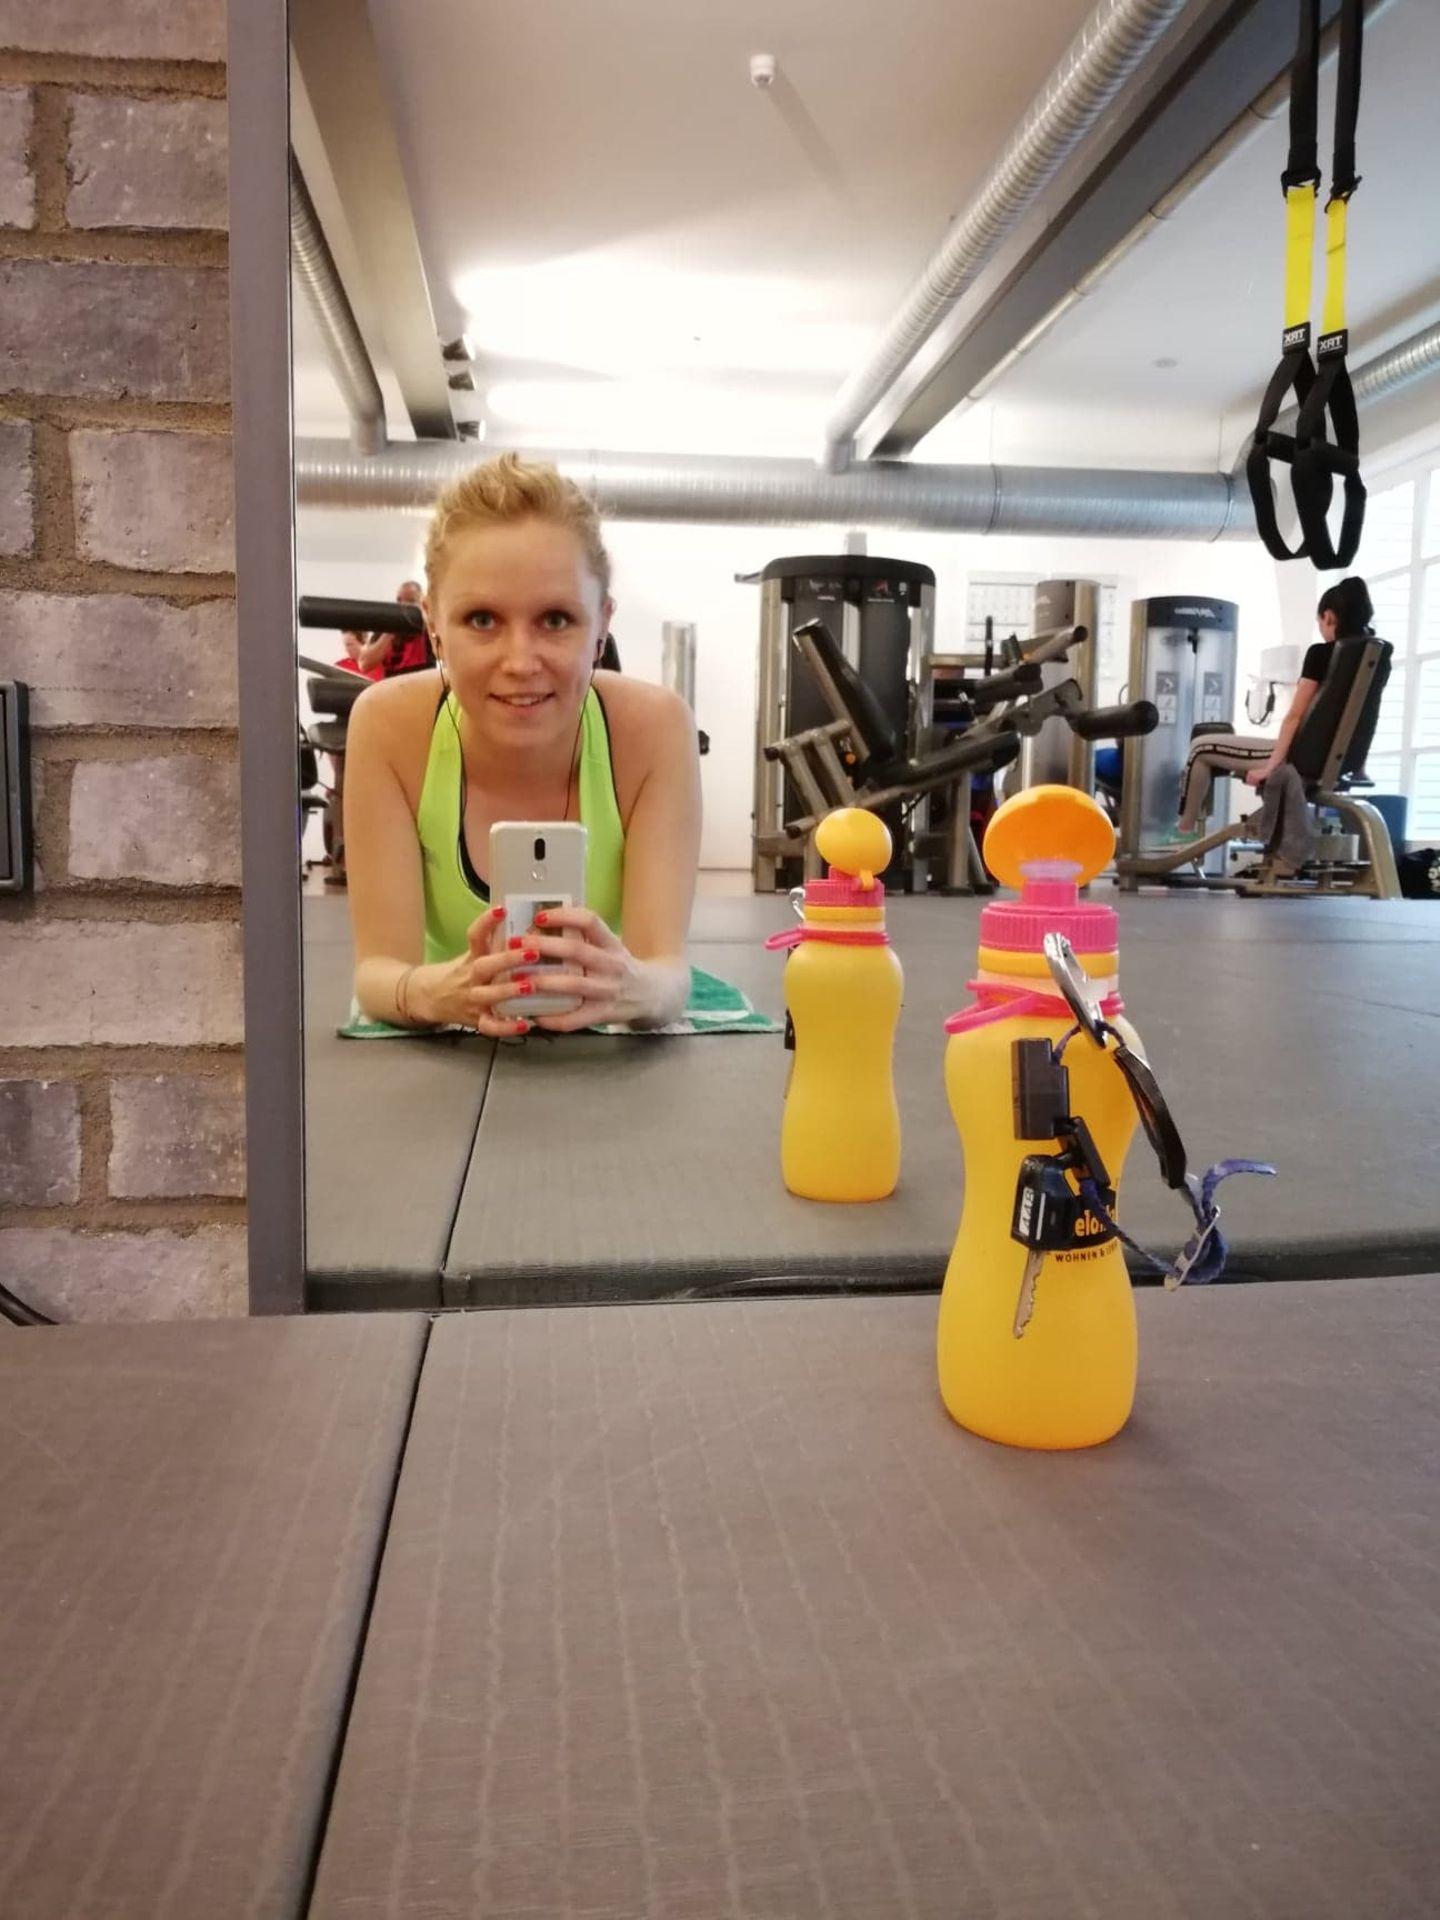 Kraftquellen der Redaktion: Eine junge Frau macht ein Spiegelselfie im Fitnessstudio